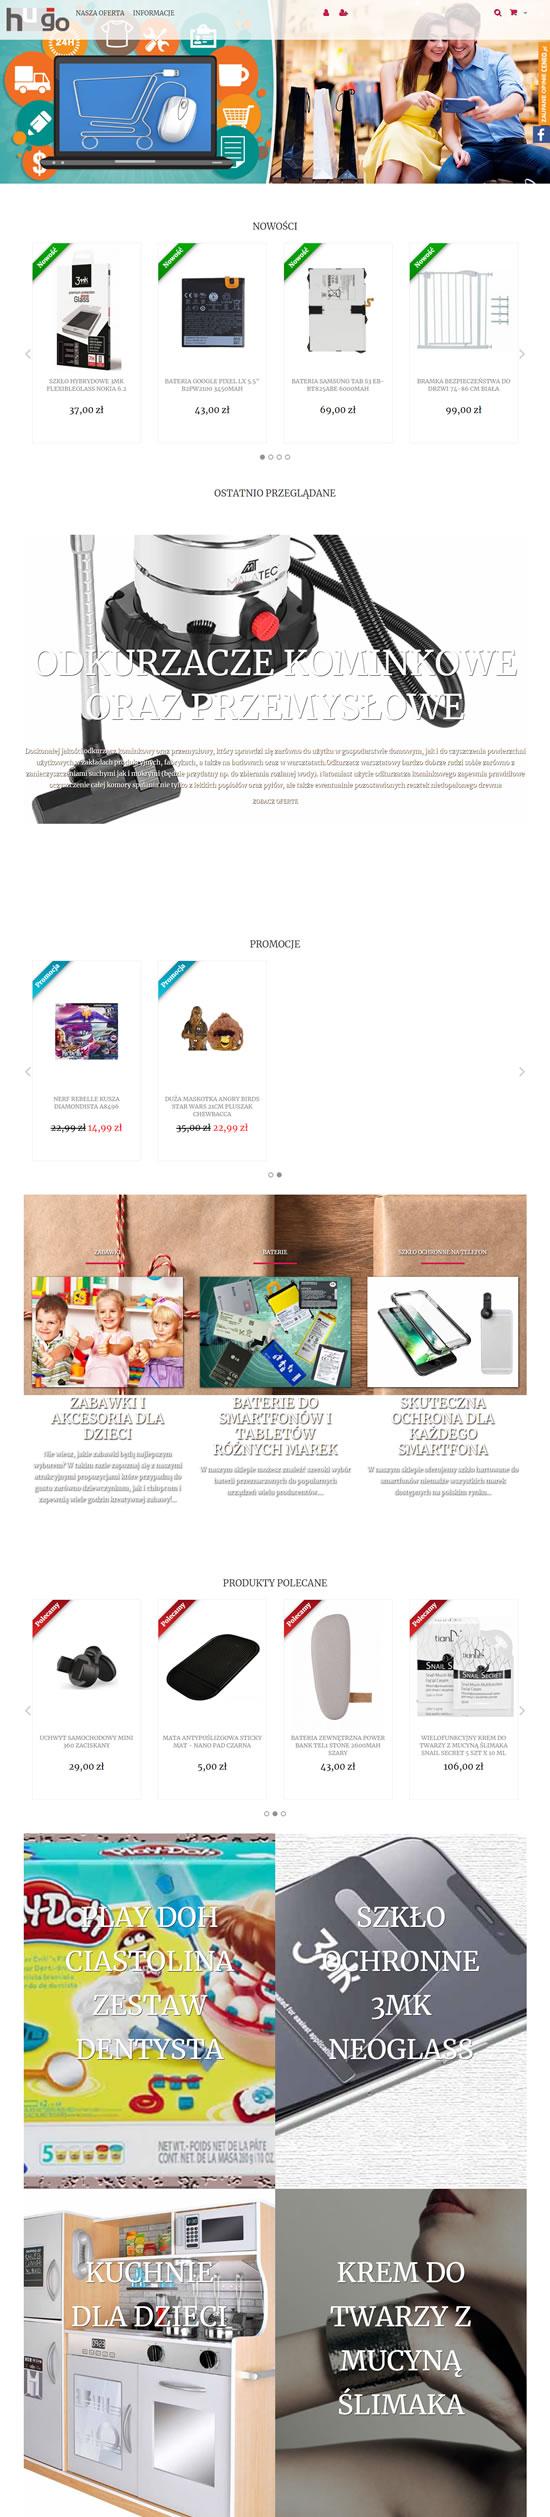 esklep24.pl Image